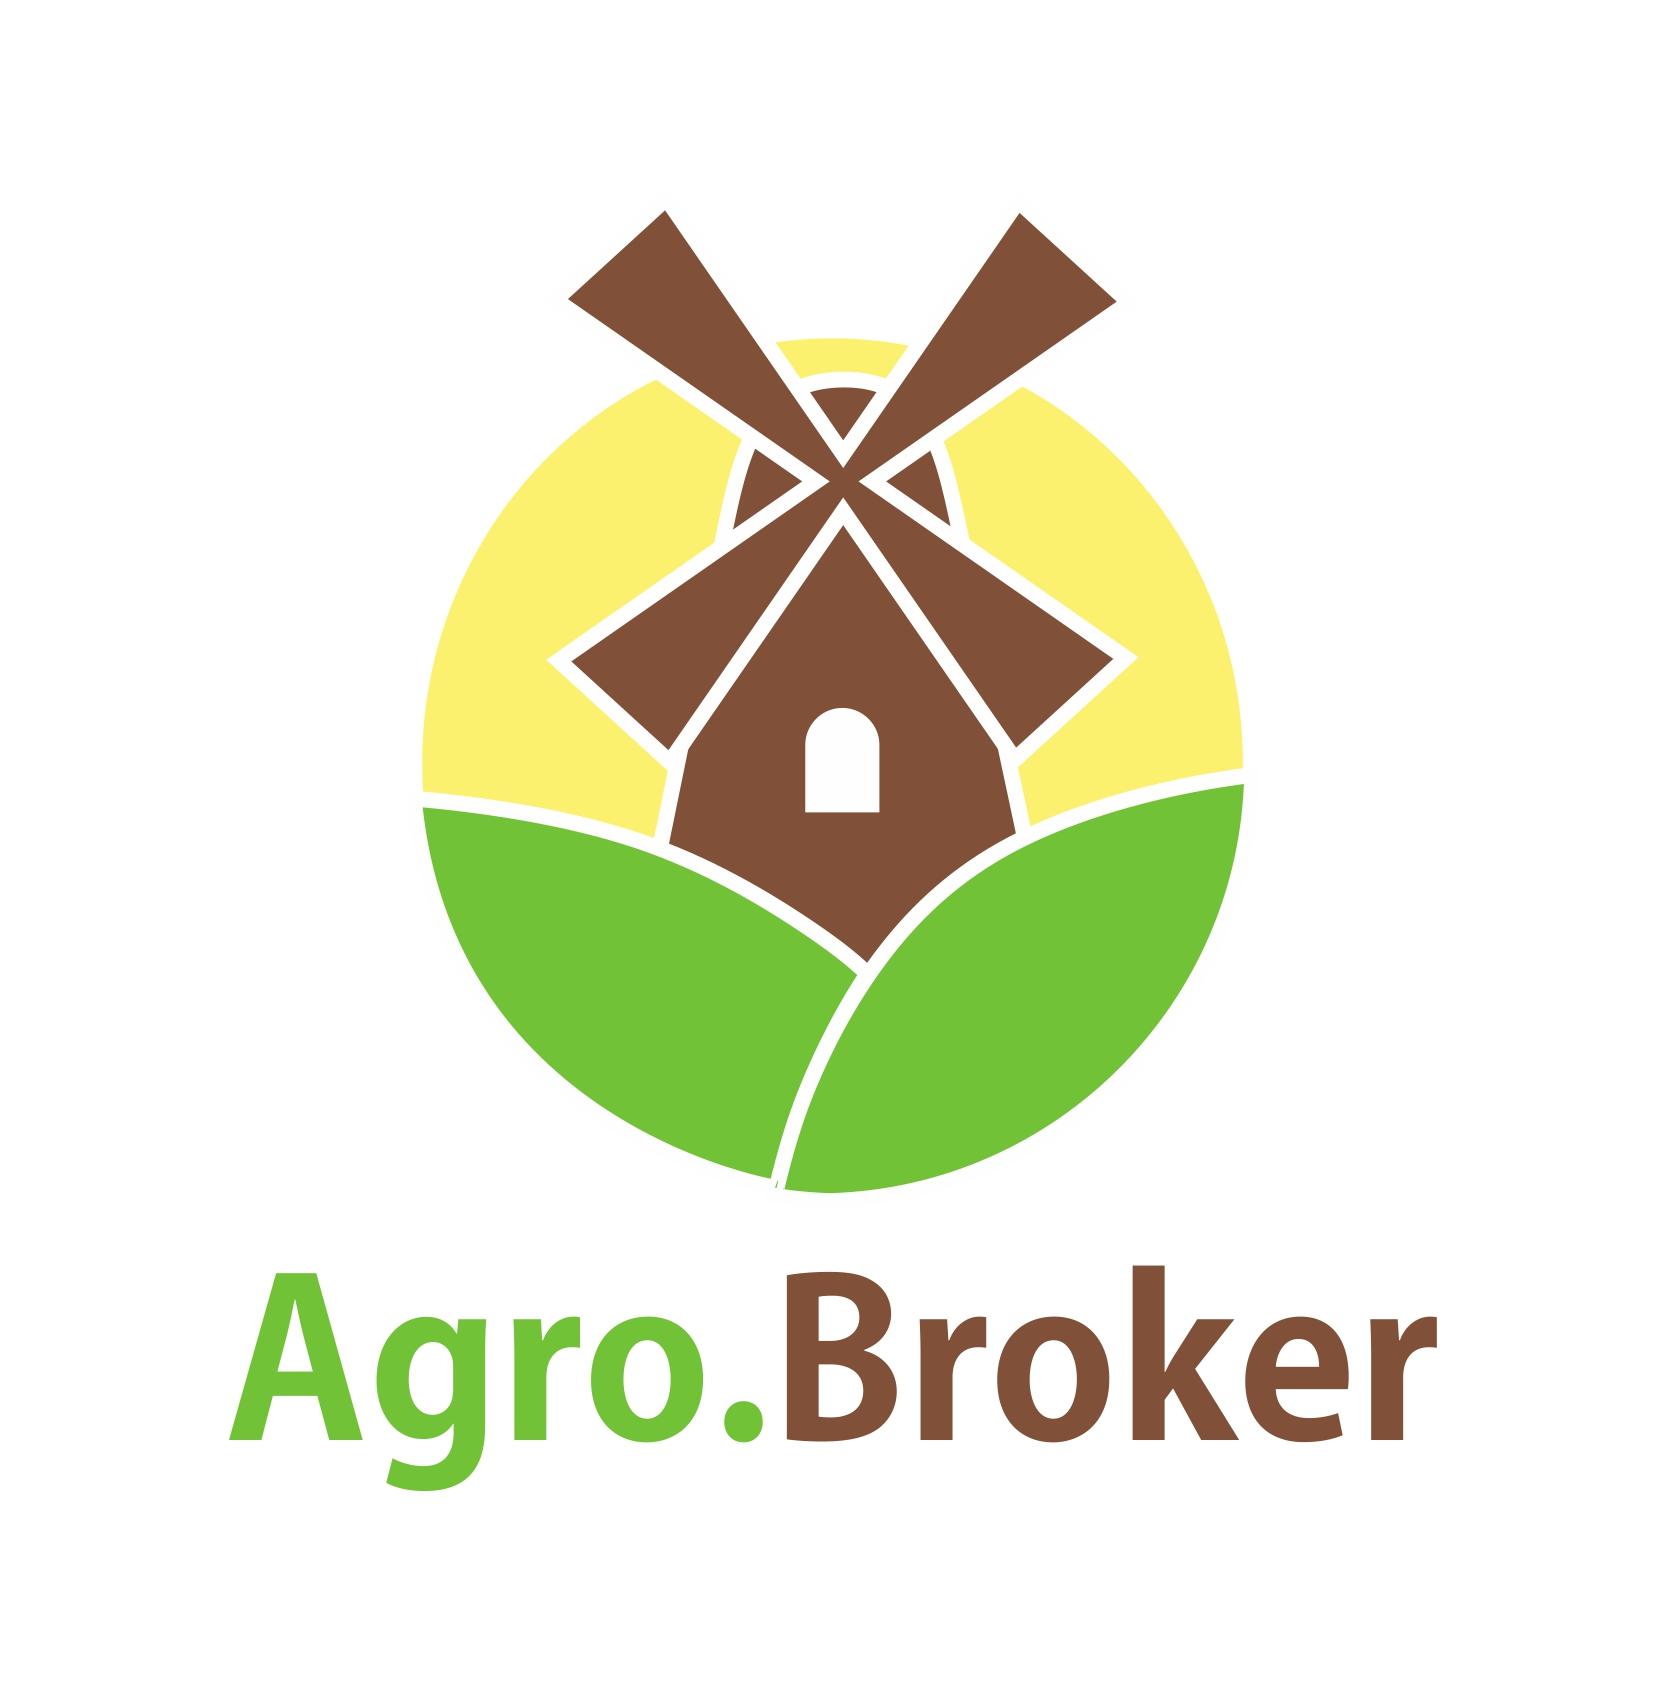 ТЗ на разработку пакета айдентики Agro.Broker фото f_56359675e9a821b1.jpg